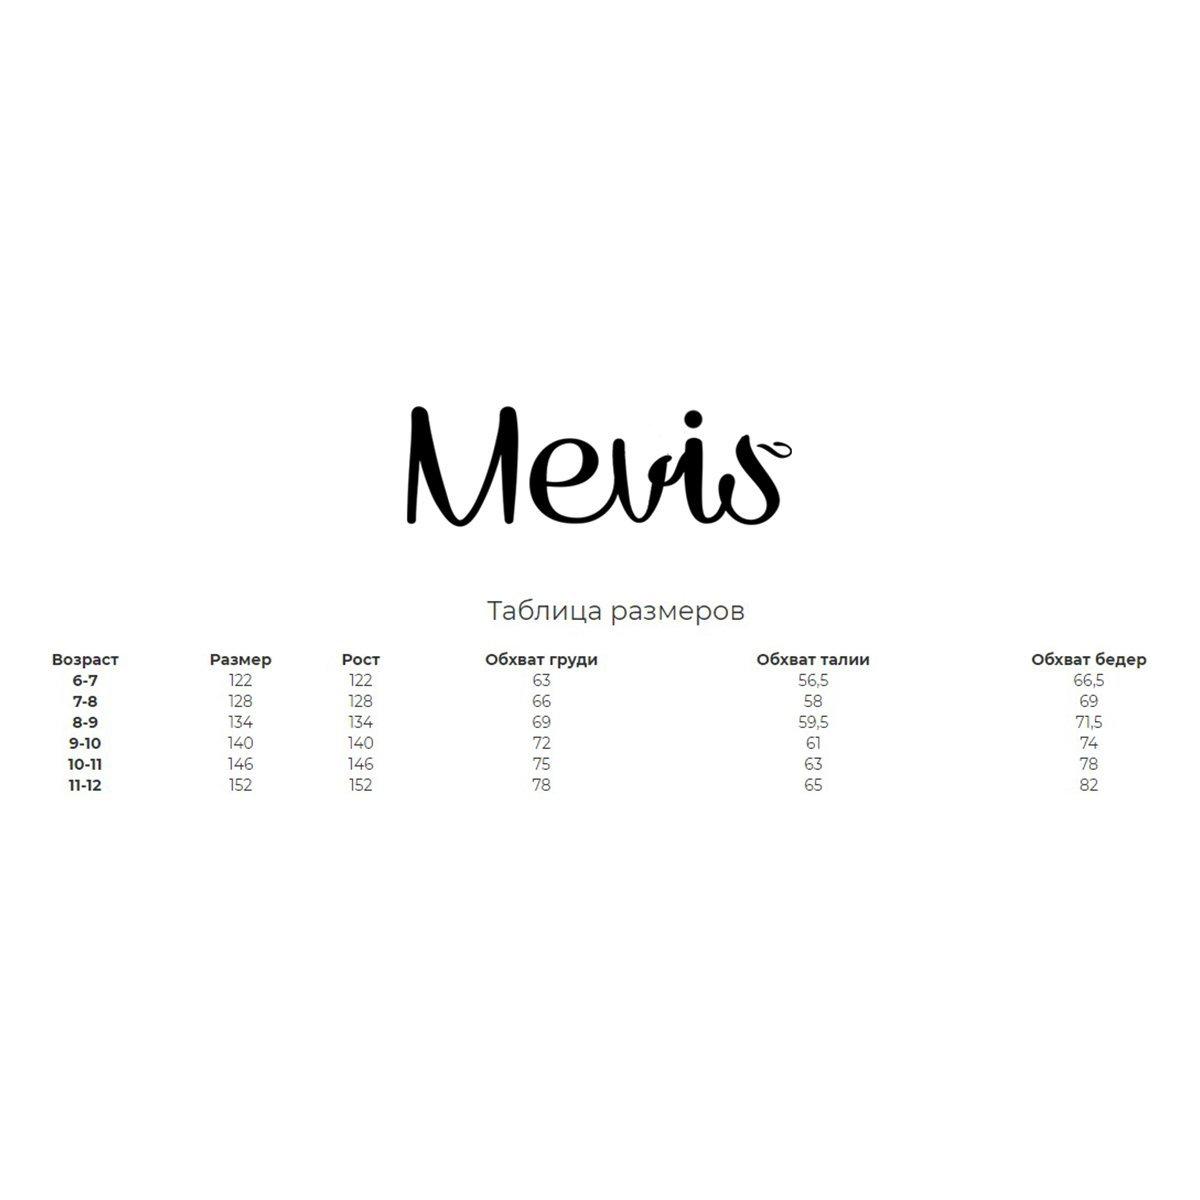 Купить Блузки, рубашки, болеро, Блузка Mevis Darling, р. 164 2811 ТМ: Mevis, молочный